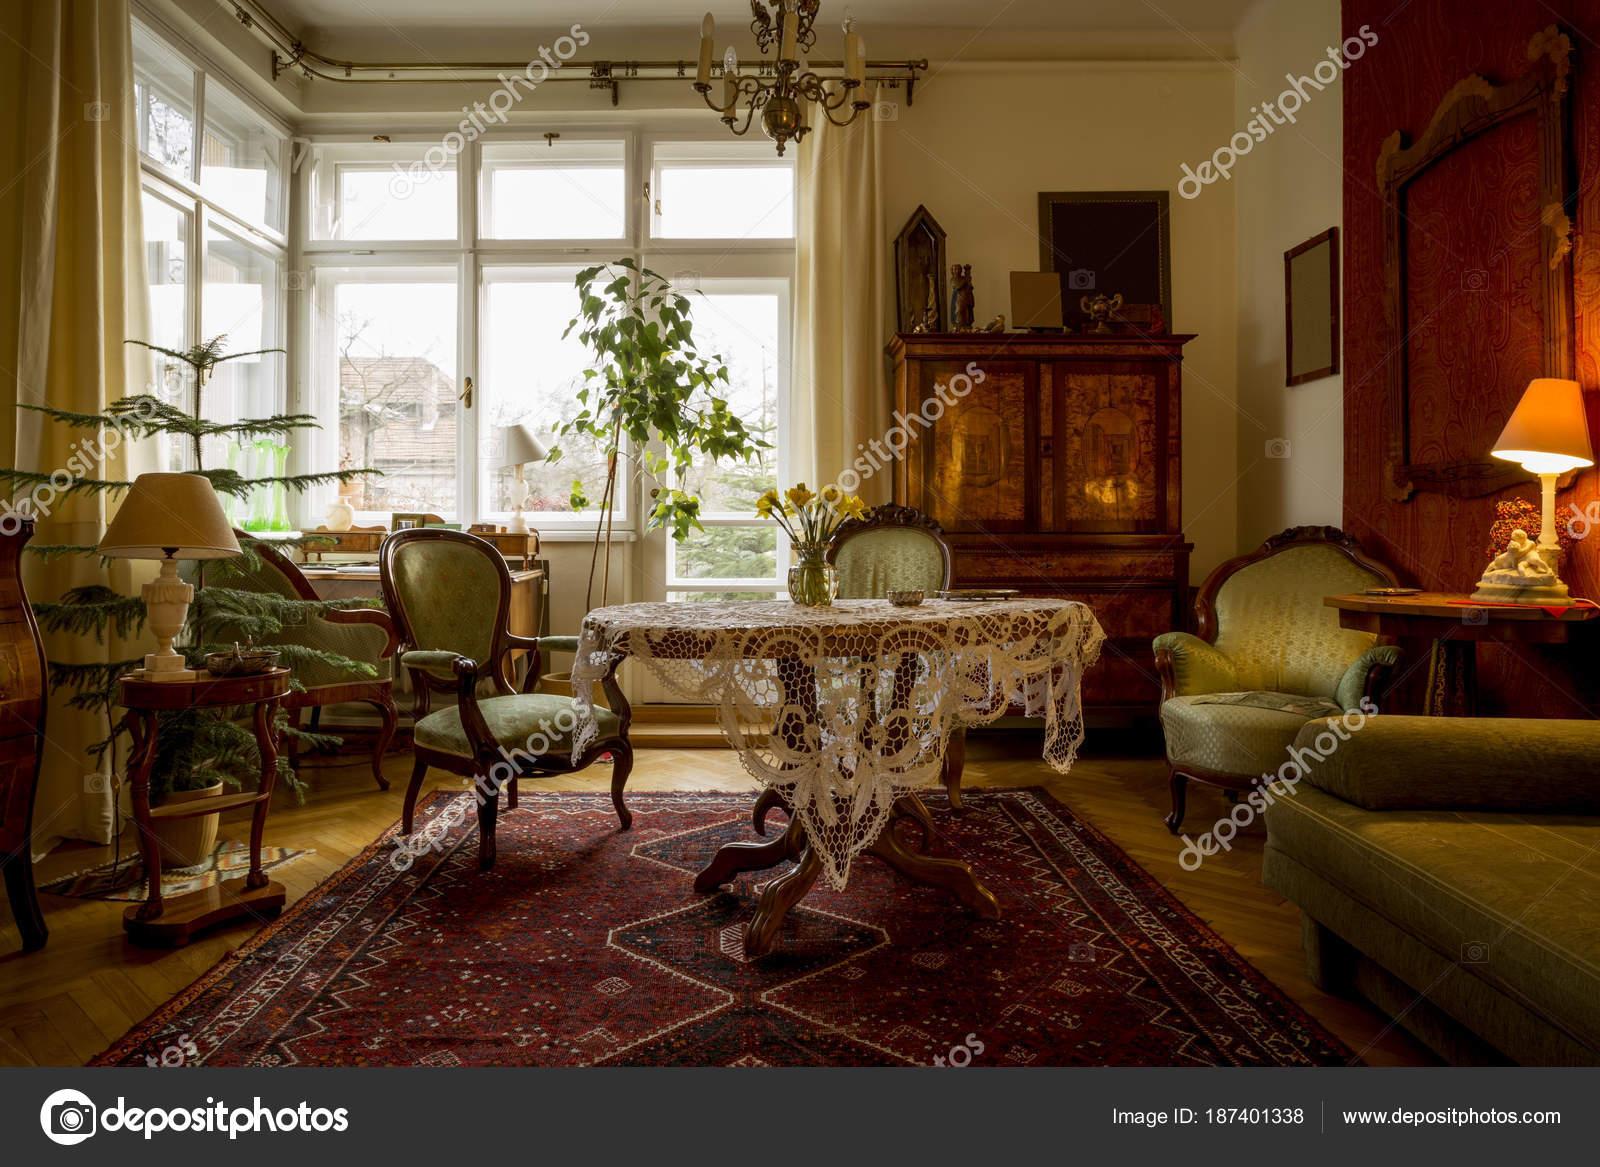 https://st3.depositphotos.com/3974695/18740/i/1600/depositphotos_187401338-stockafbeelding-ouderwetse-woonkamer-met-antieke-meubelen.jpg